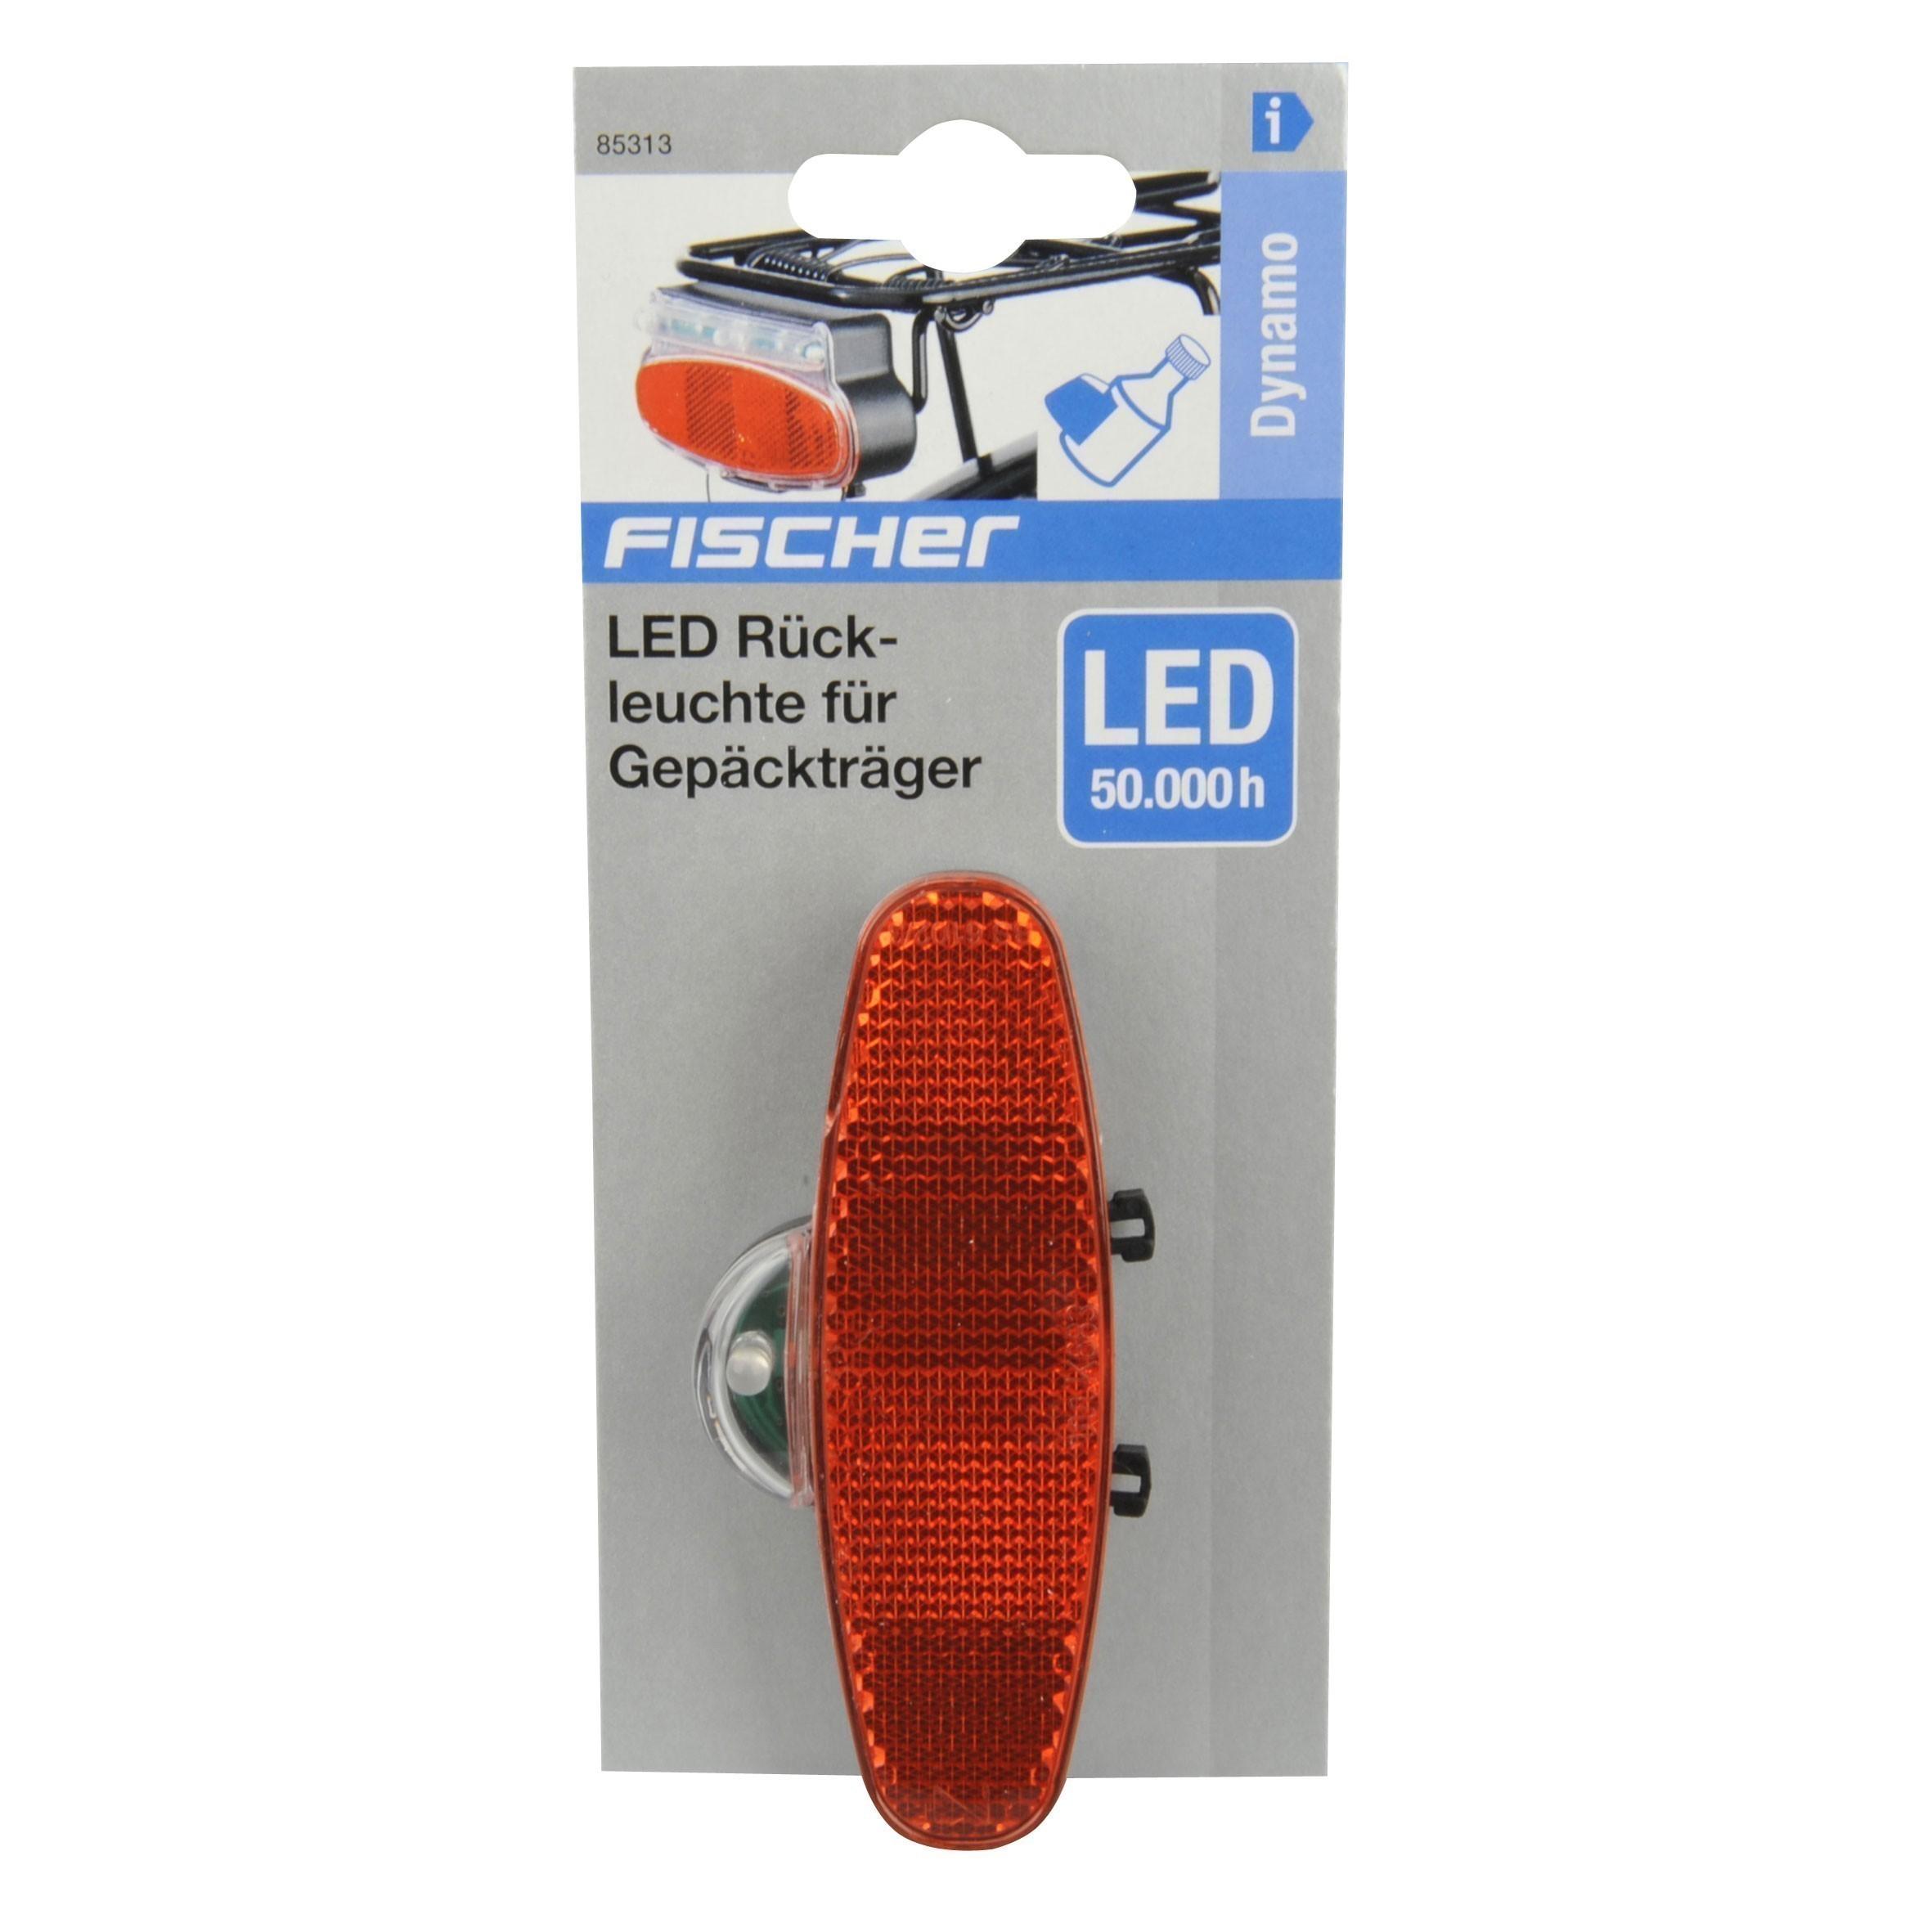 Fischer Fahrradbeleuchtung mit Dynamo / LED Rückleuchte Bild 2